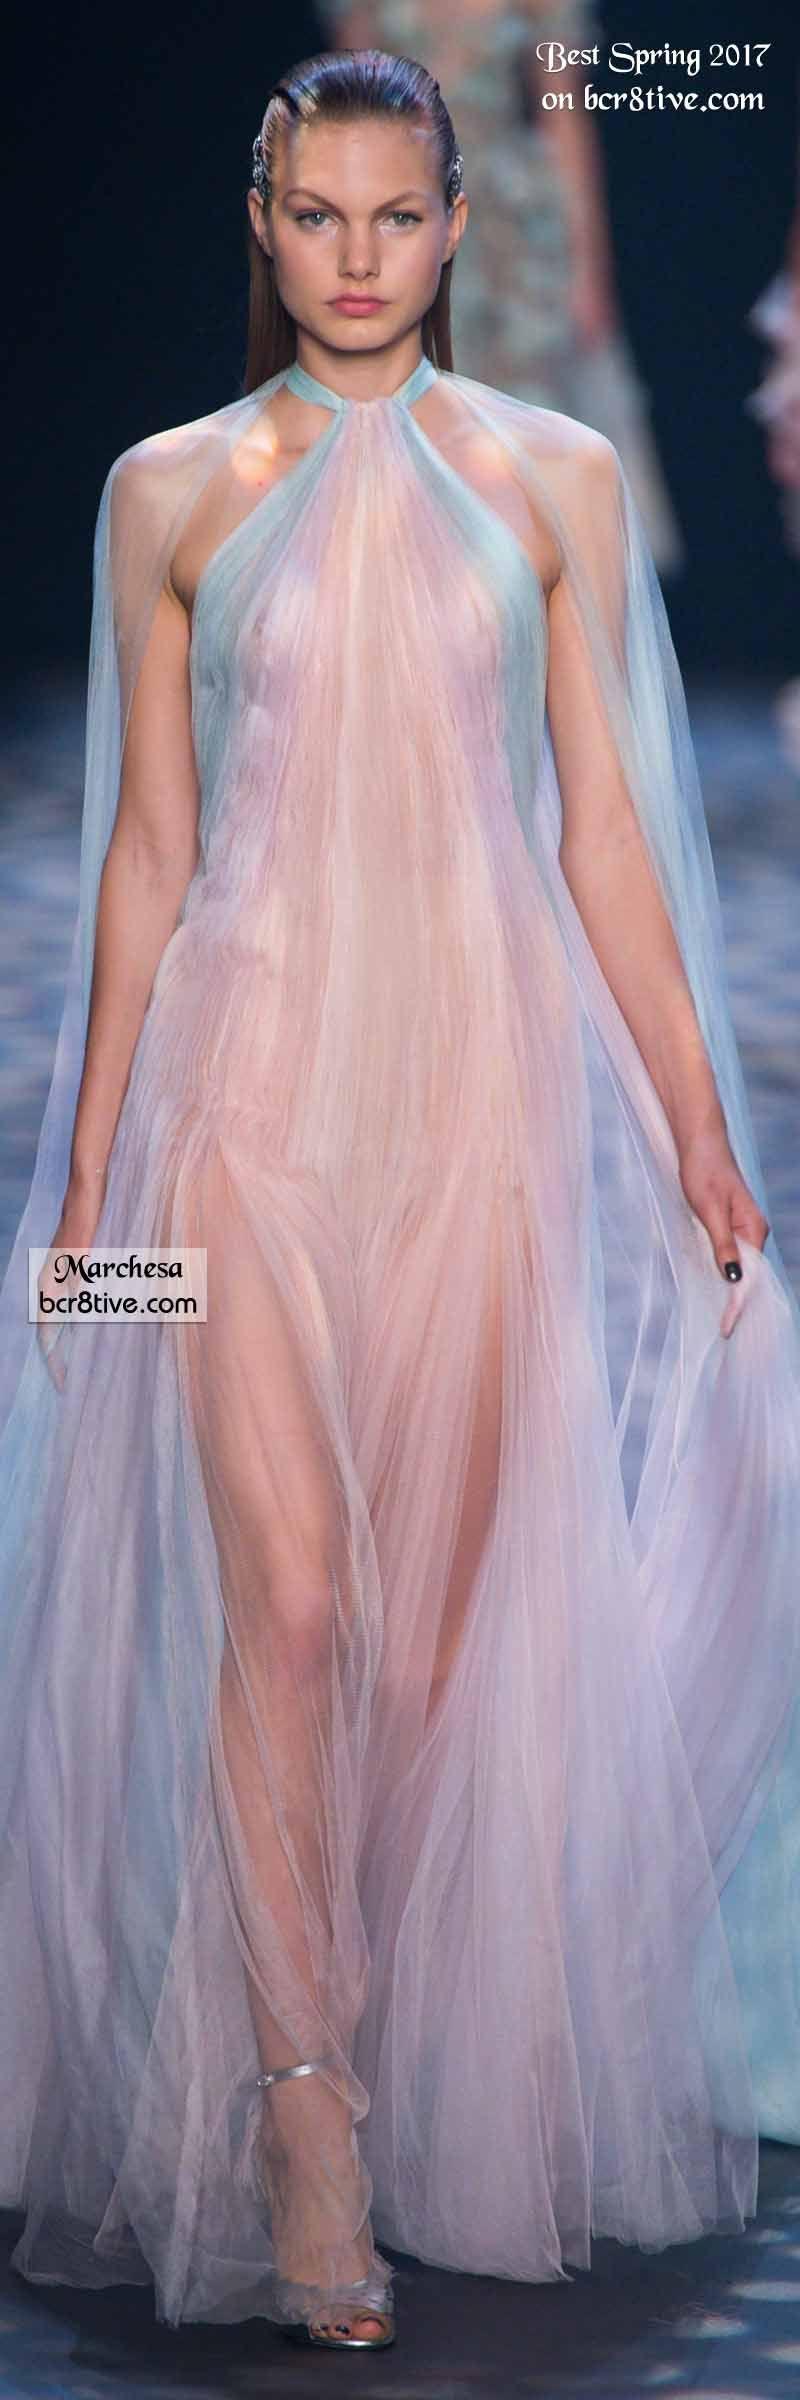 Asombroso Nueva York Vestido De Graduación Ilustración - Colección ...